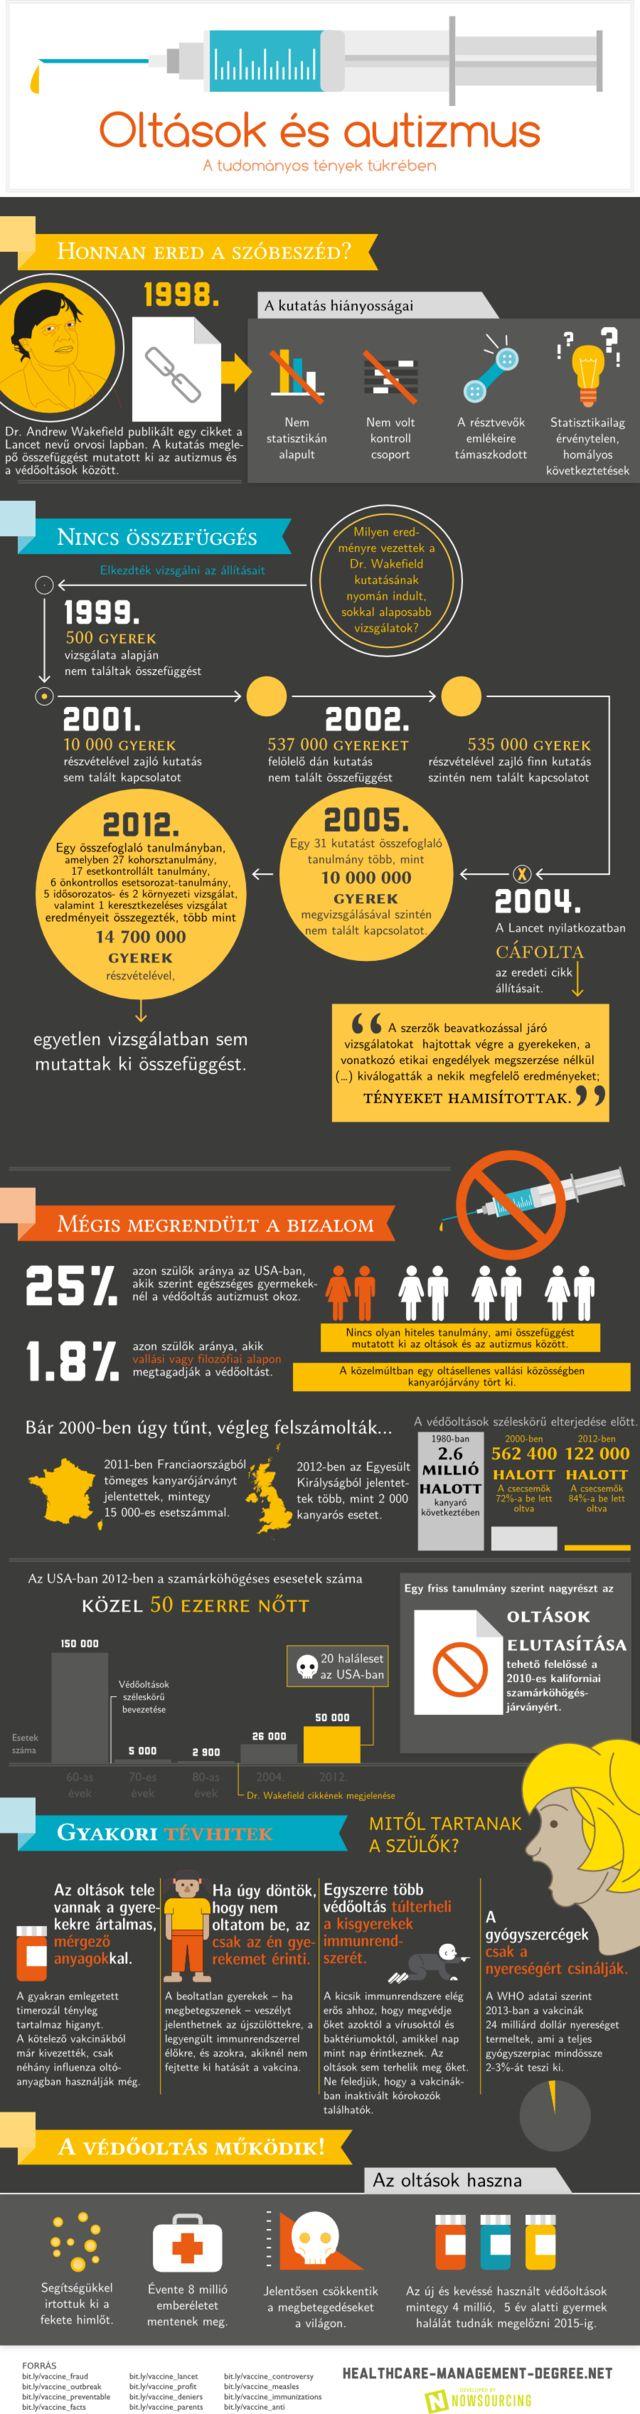 Egy magyar nyelvű infografika, amely bemutatja, hogyan terjednek a hamis információk, és az emberi butaság.